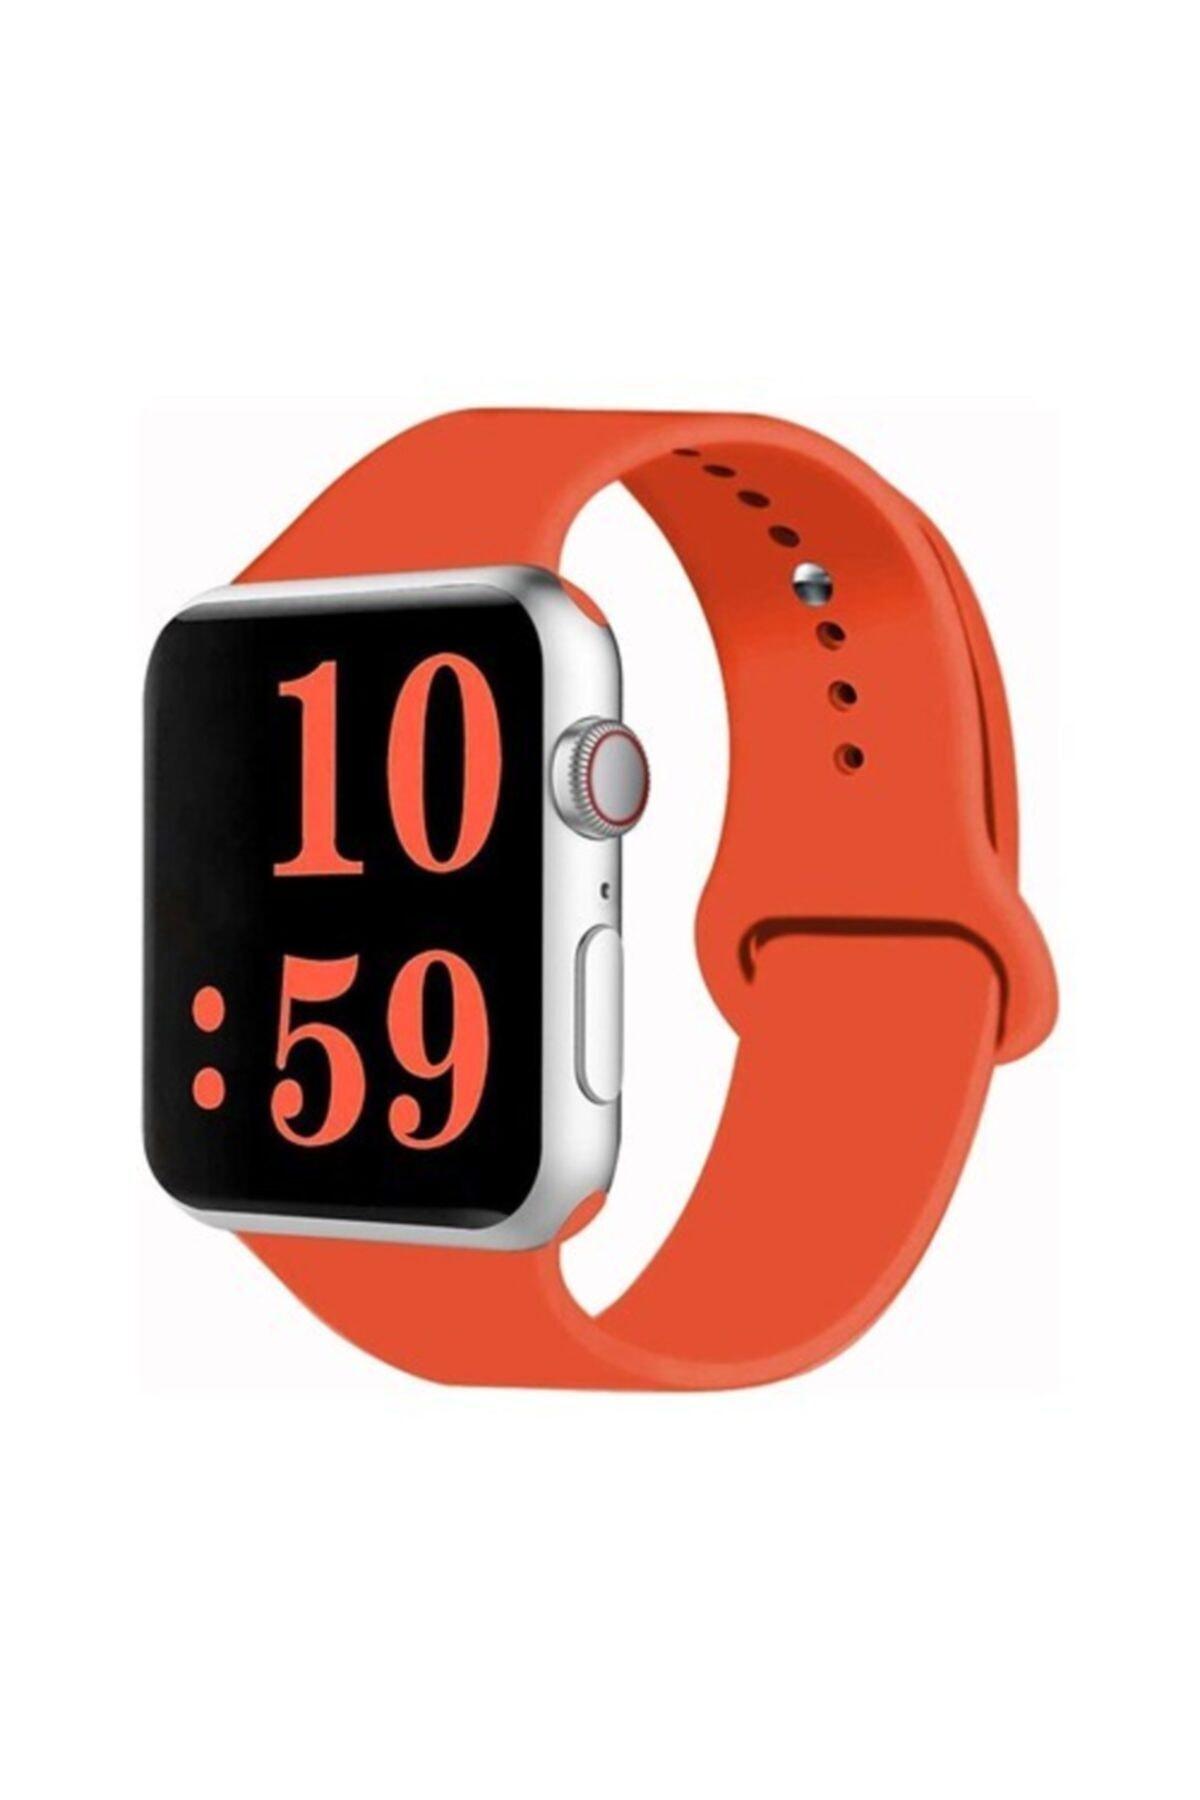 Bilişim Aksesuar Turuncu Apple Watch Spor Kordon Silikon Kayış 38 - 40 mm 1